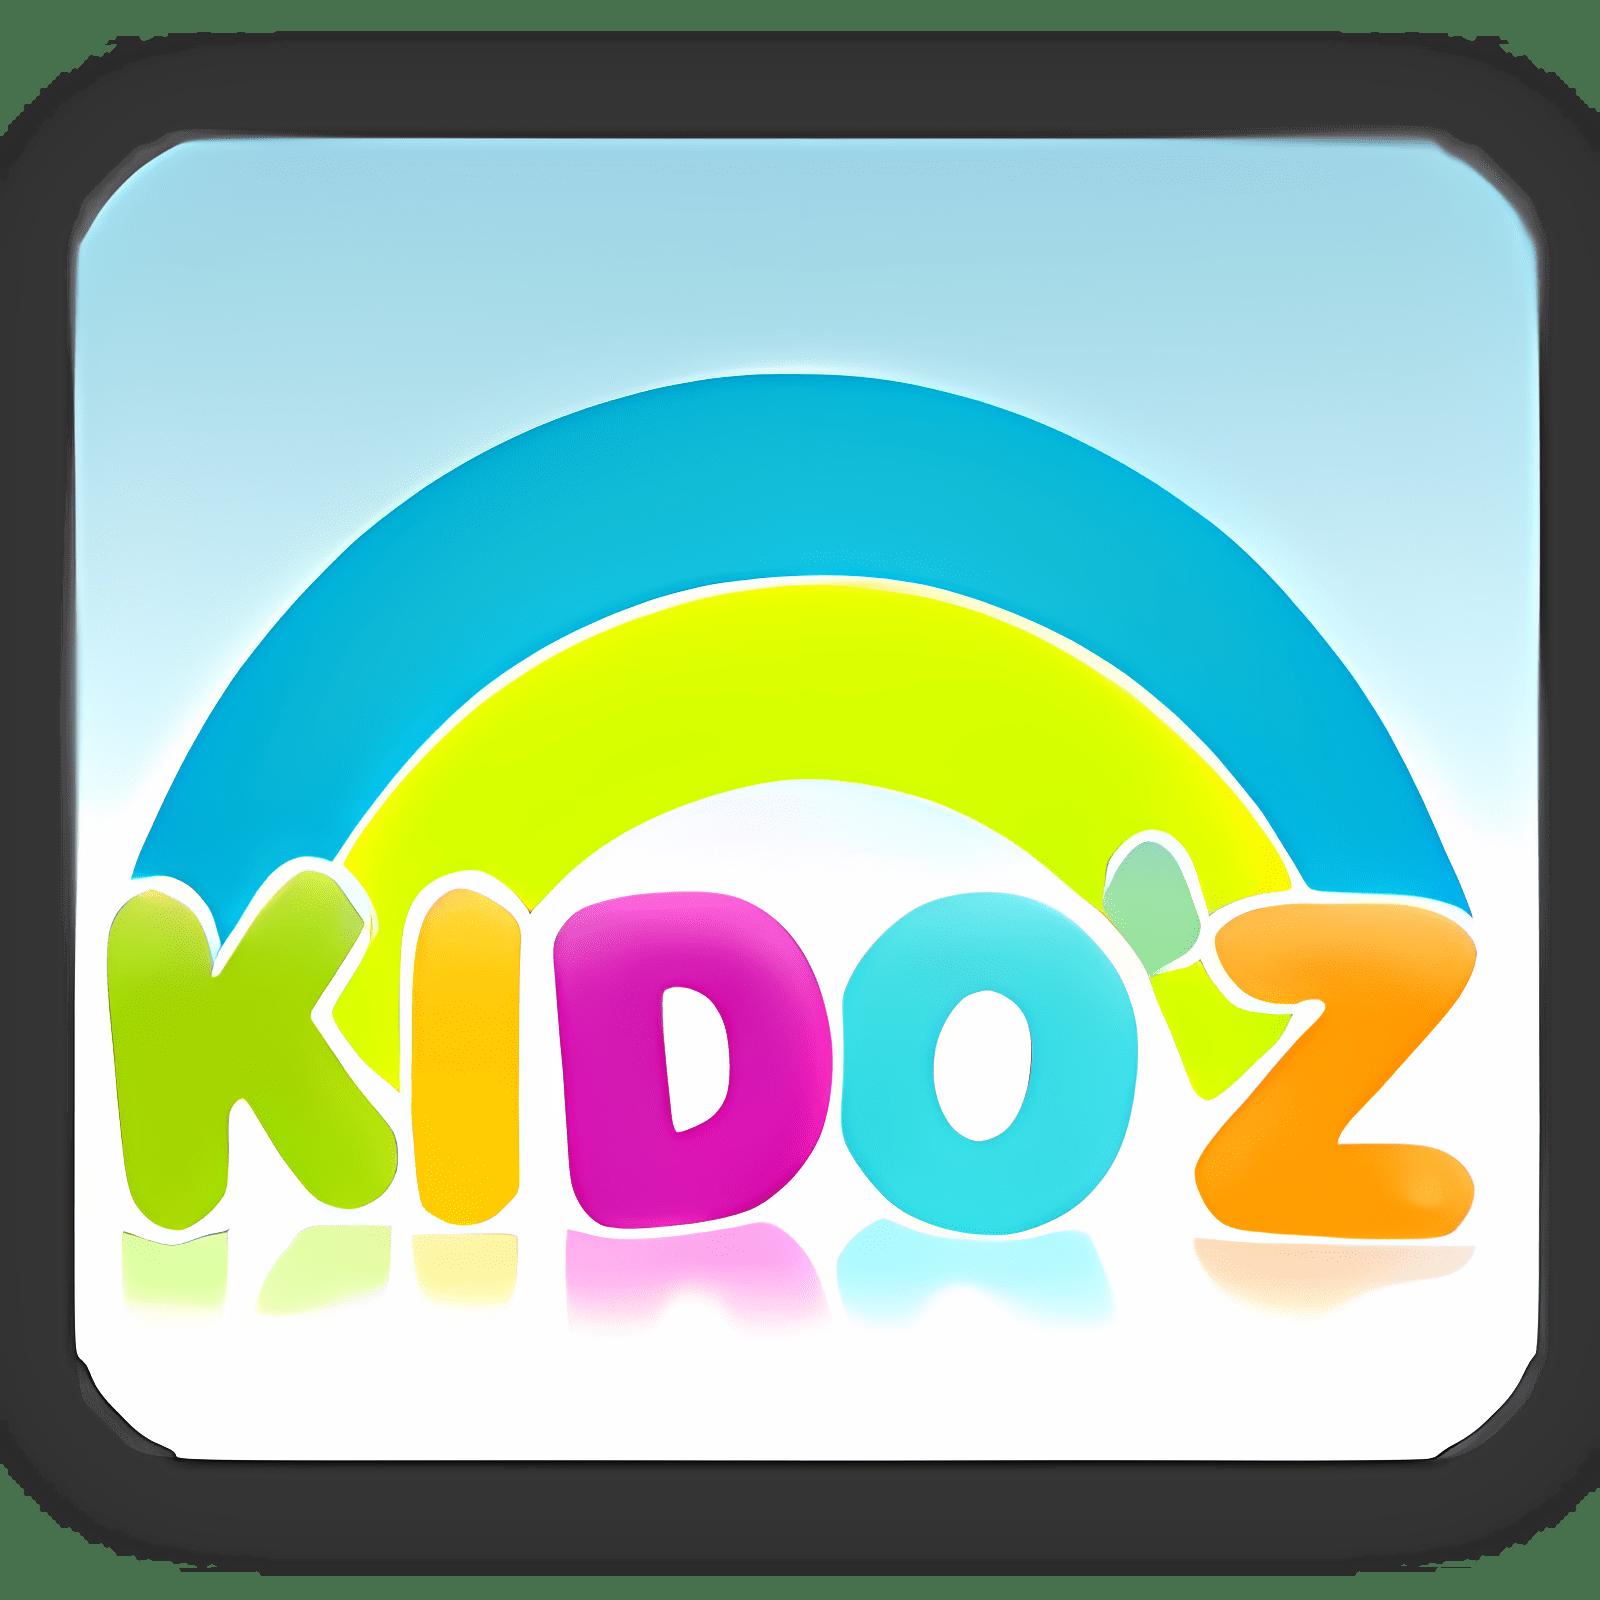 Kido'z